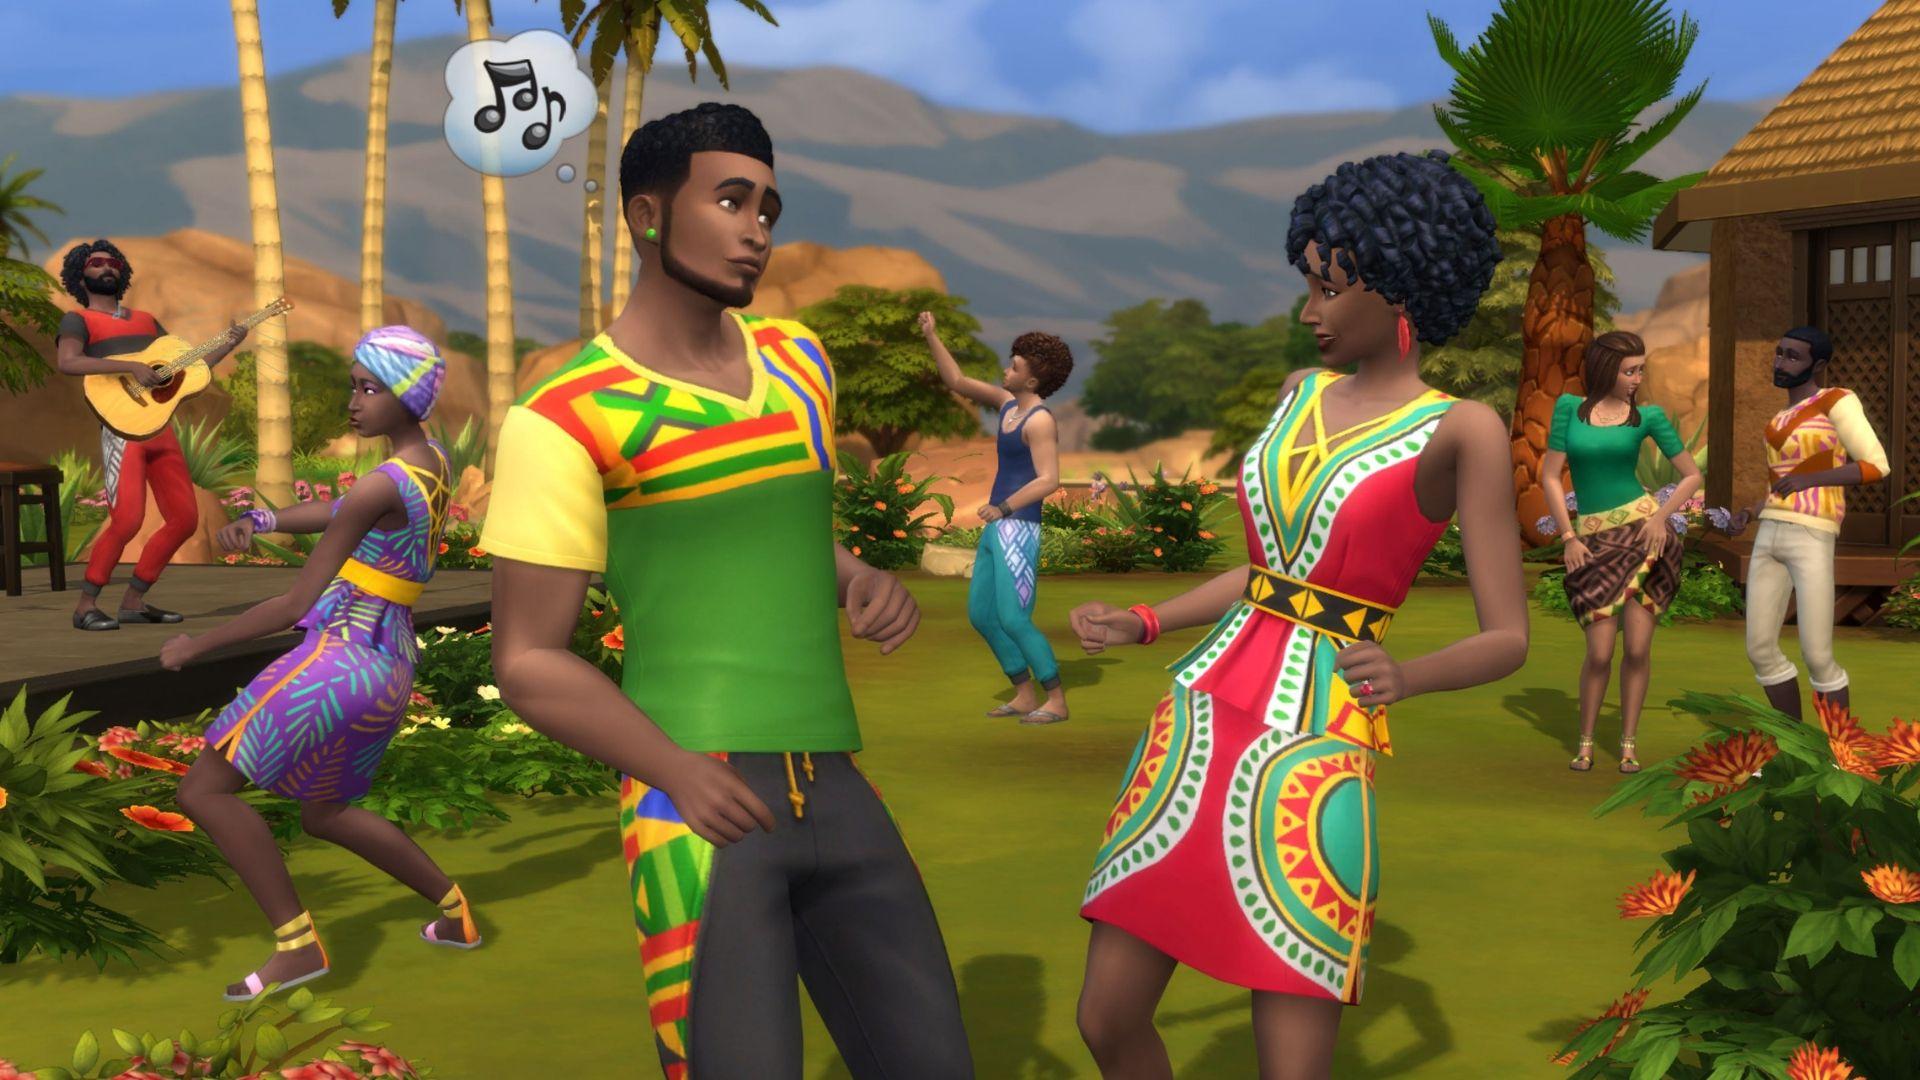 Les Sims 4 Est Gratuit : Voici Ce Qu'il Faut Faire Pour destiné Jeux Video Gratuit A Telecharger Pour Pc